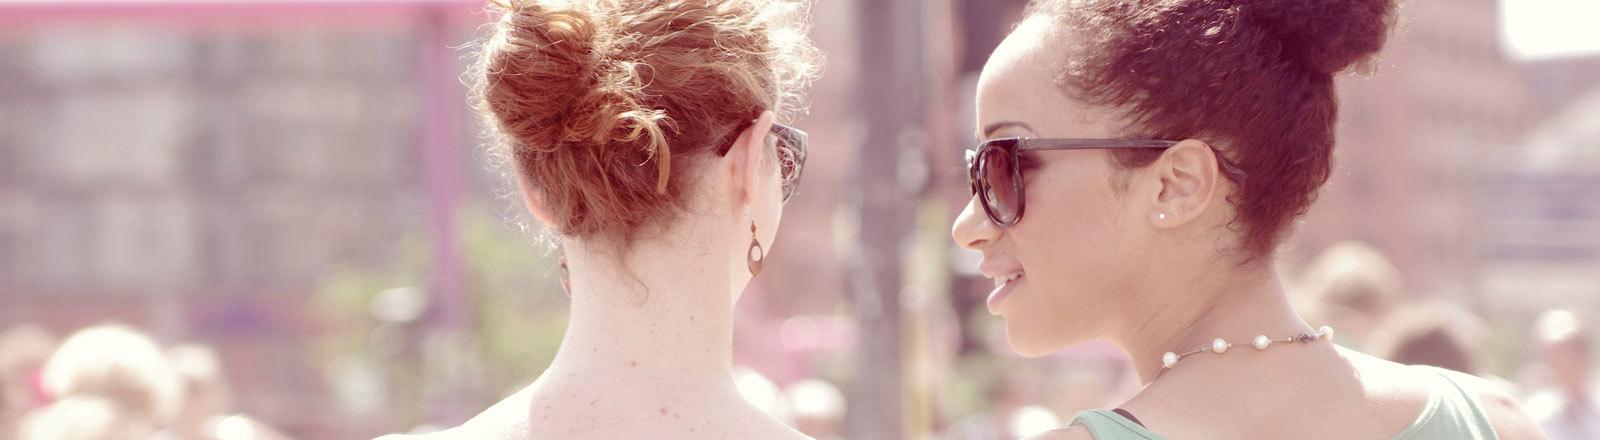 Eine weiße und farbige Frau